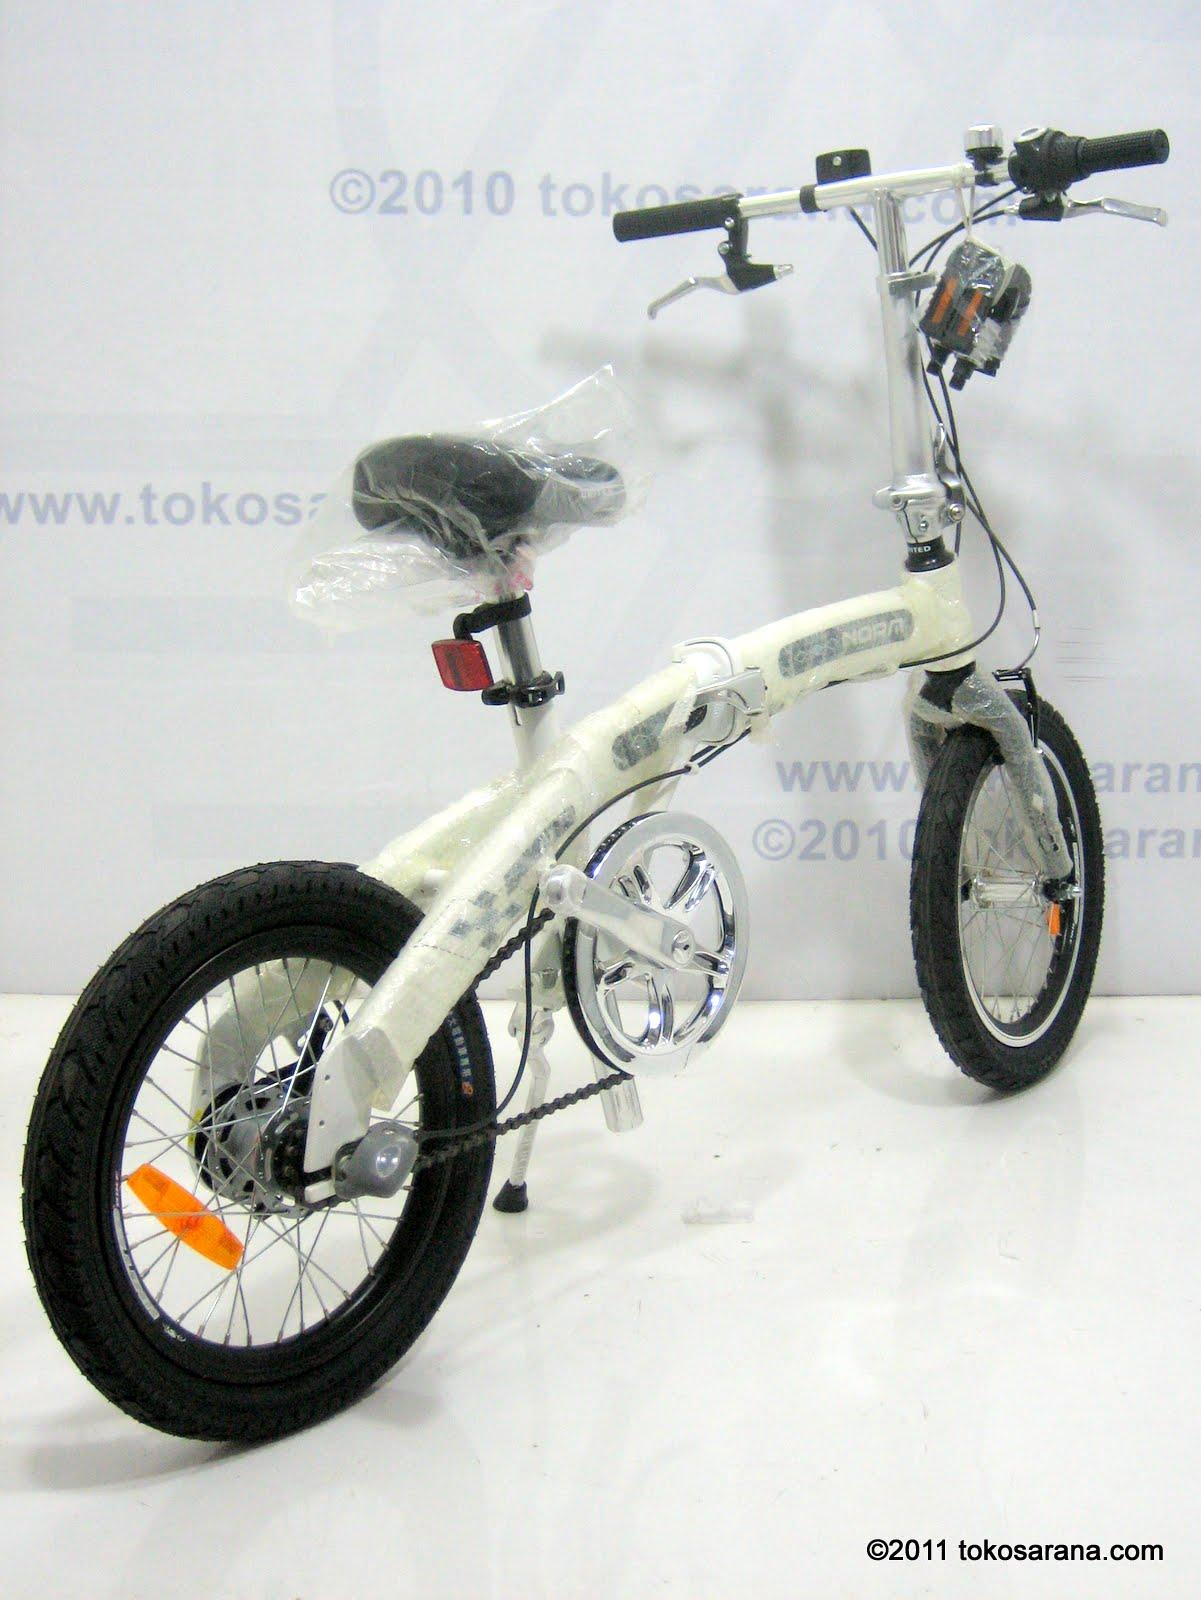 tokosarana™ | Mahasarana Sukses™: Sepeda Lipat UNITED NORM